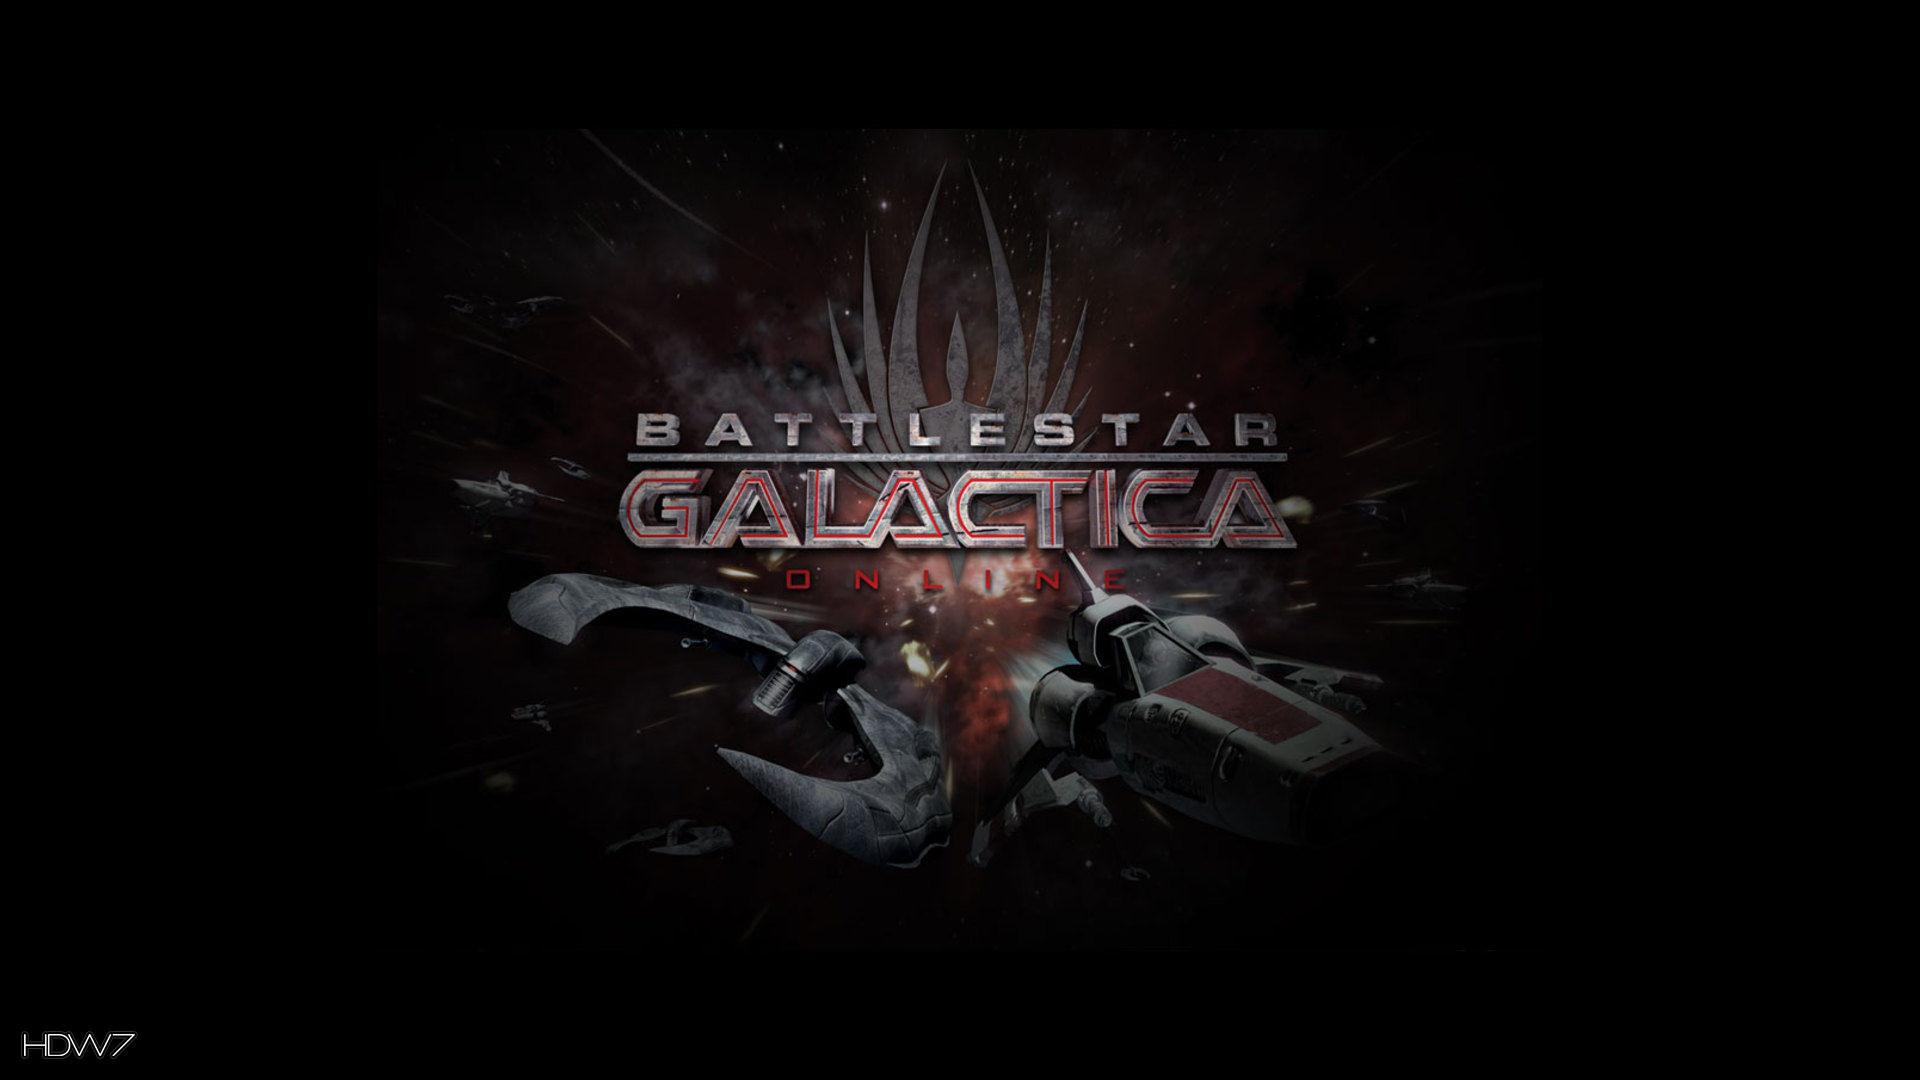 battlestar galactica online battlestar galactica online widescreen hd  wallpaper